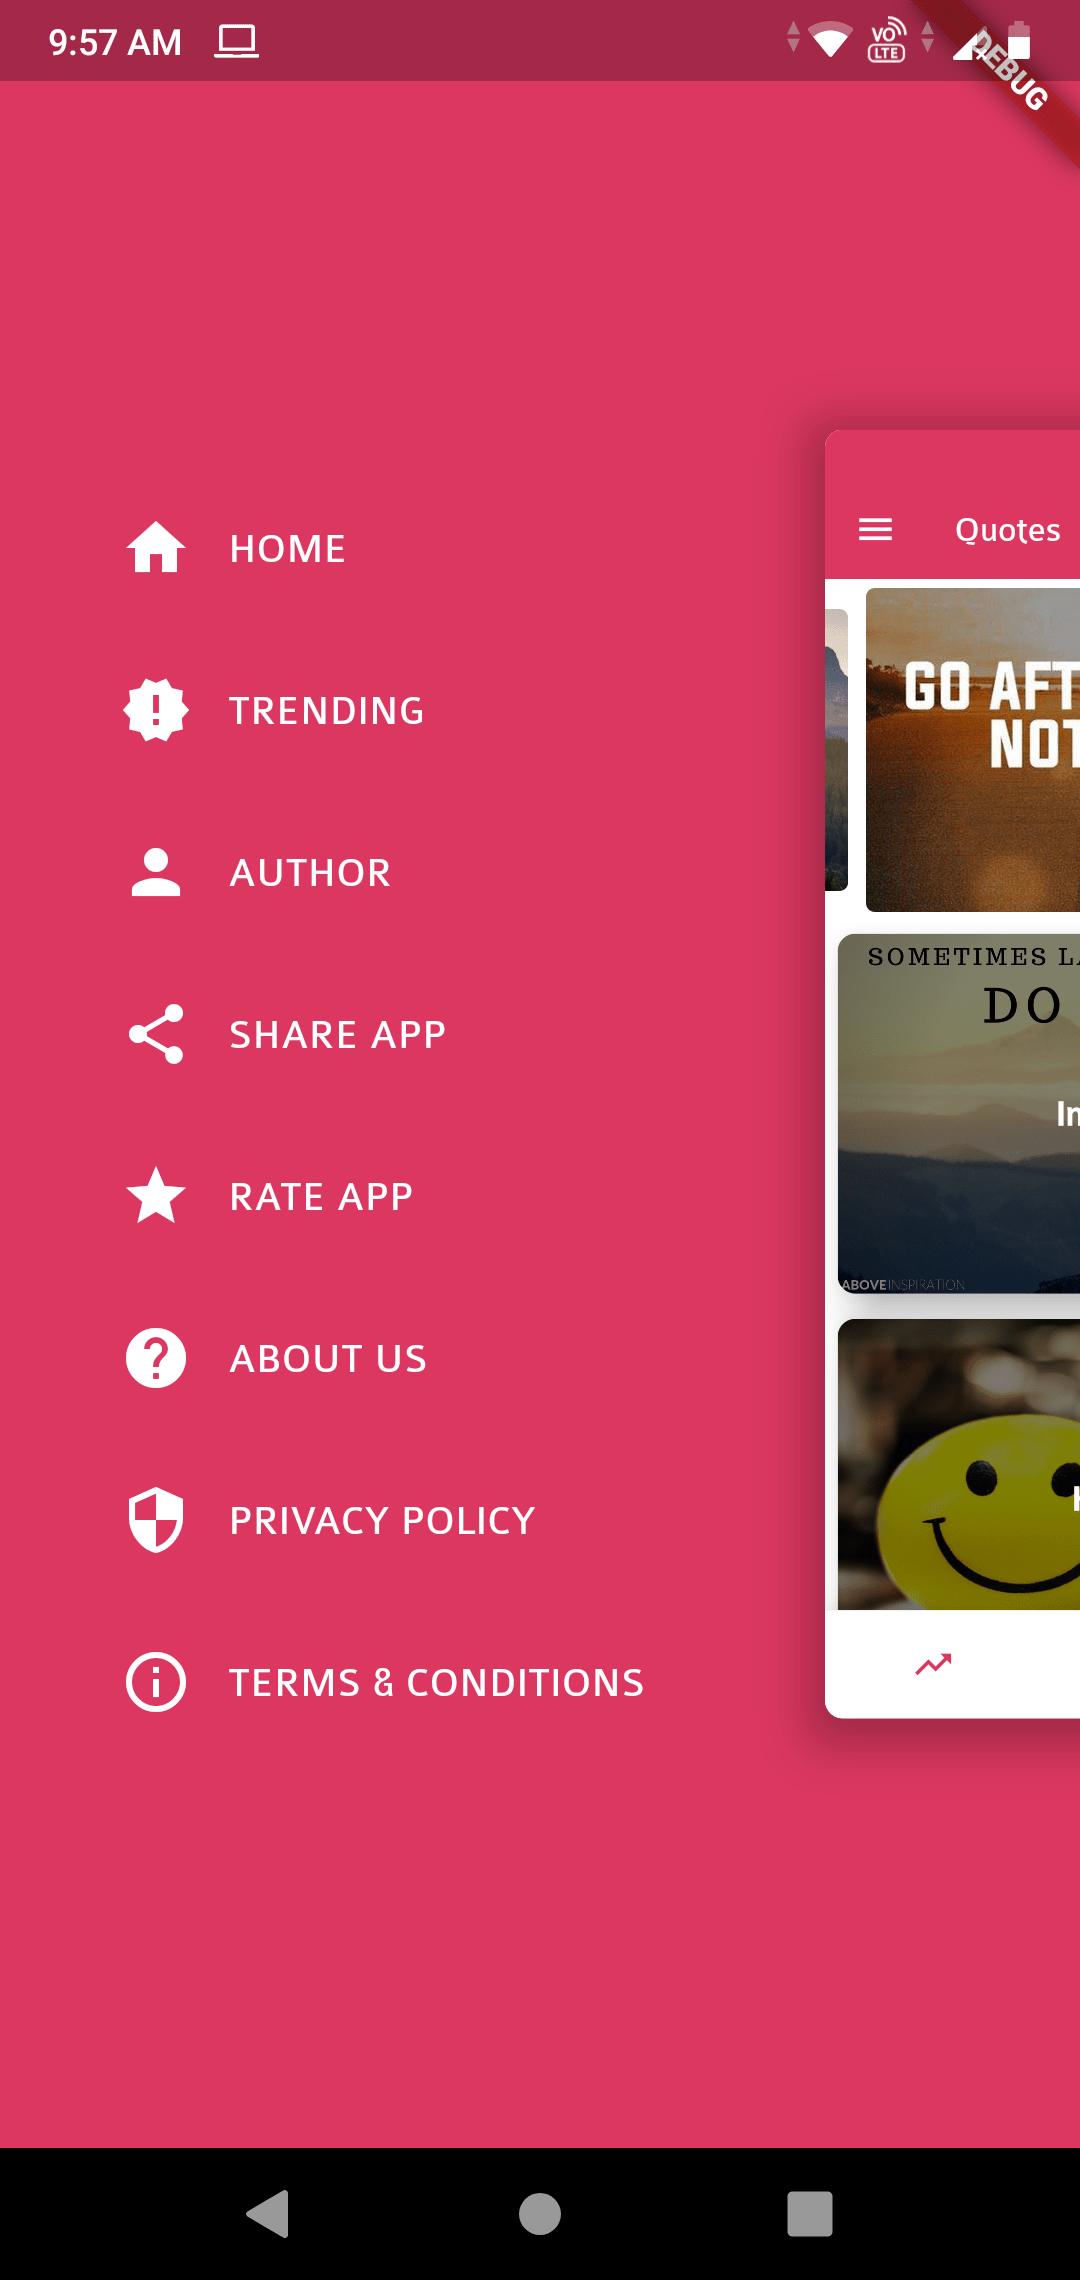 Quotes - Flutter App